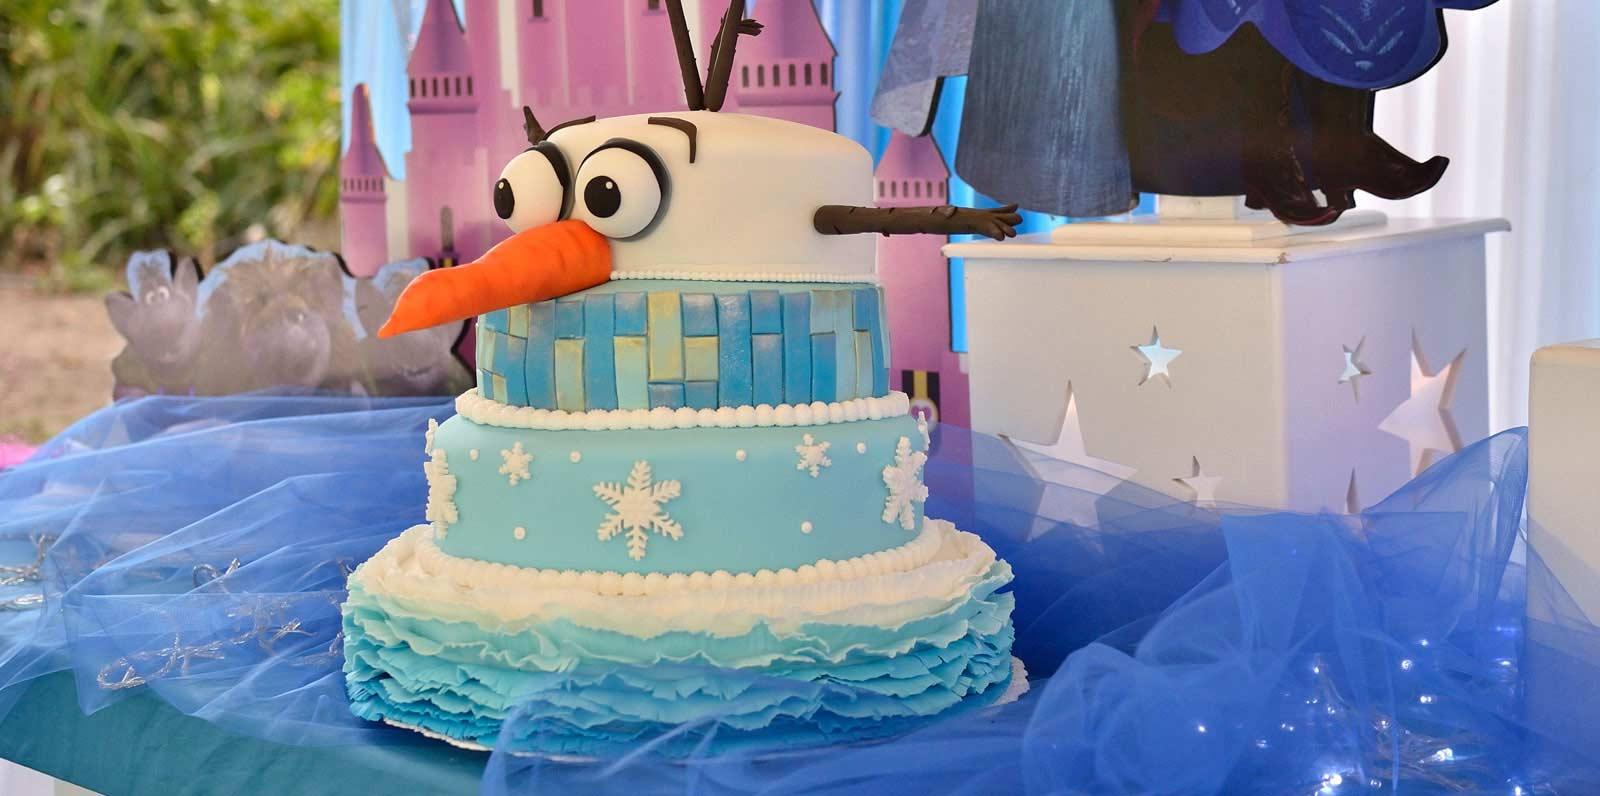 Torta de Frozen en Envigado, Dulcepastel.com